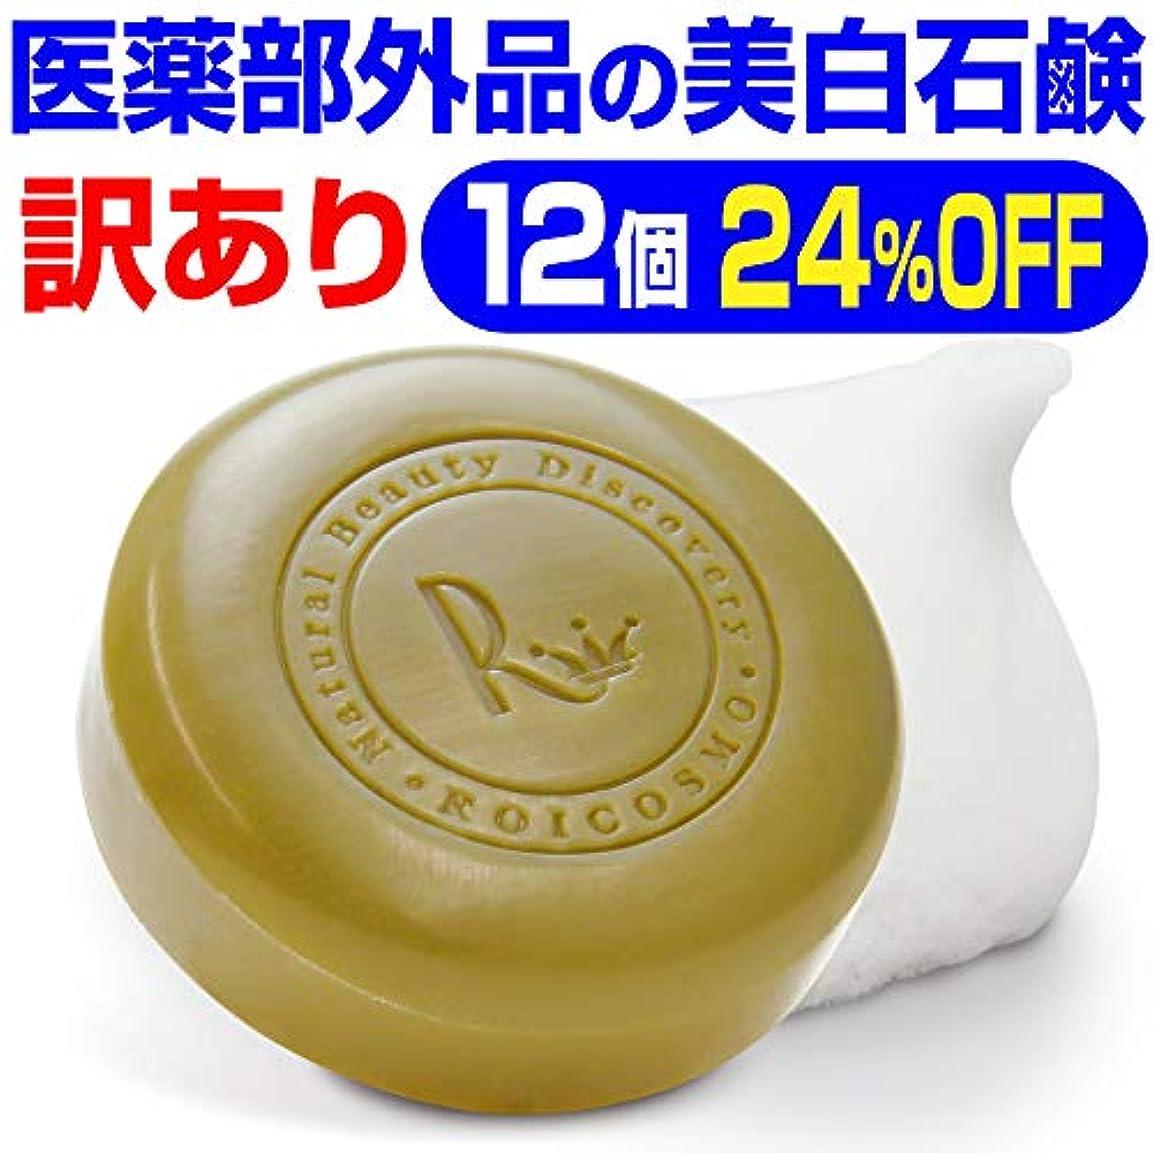 犠牲タイムリーな影響を受けやすいです訳あり24%OFF(1個2,036円)売切れ御免 ビタミンC270倍の美白成分の 洗顔石鹸『ホワイトソープ100g×12個』